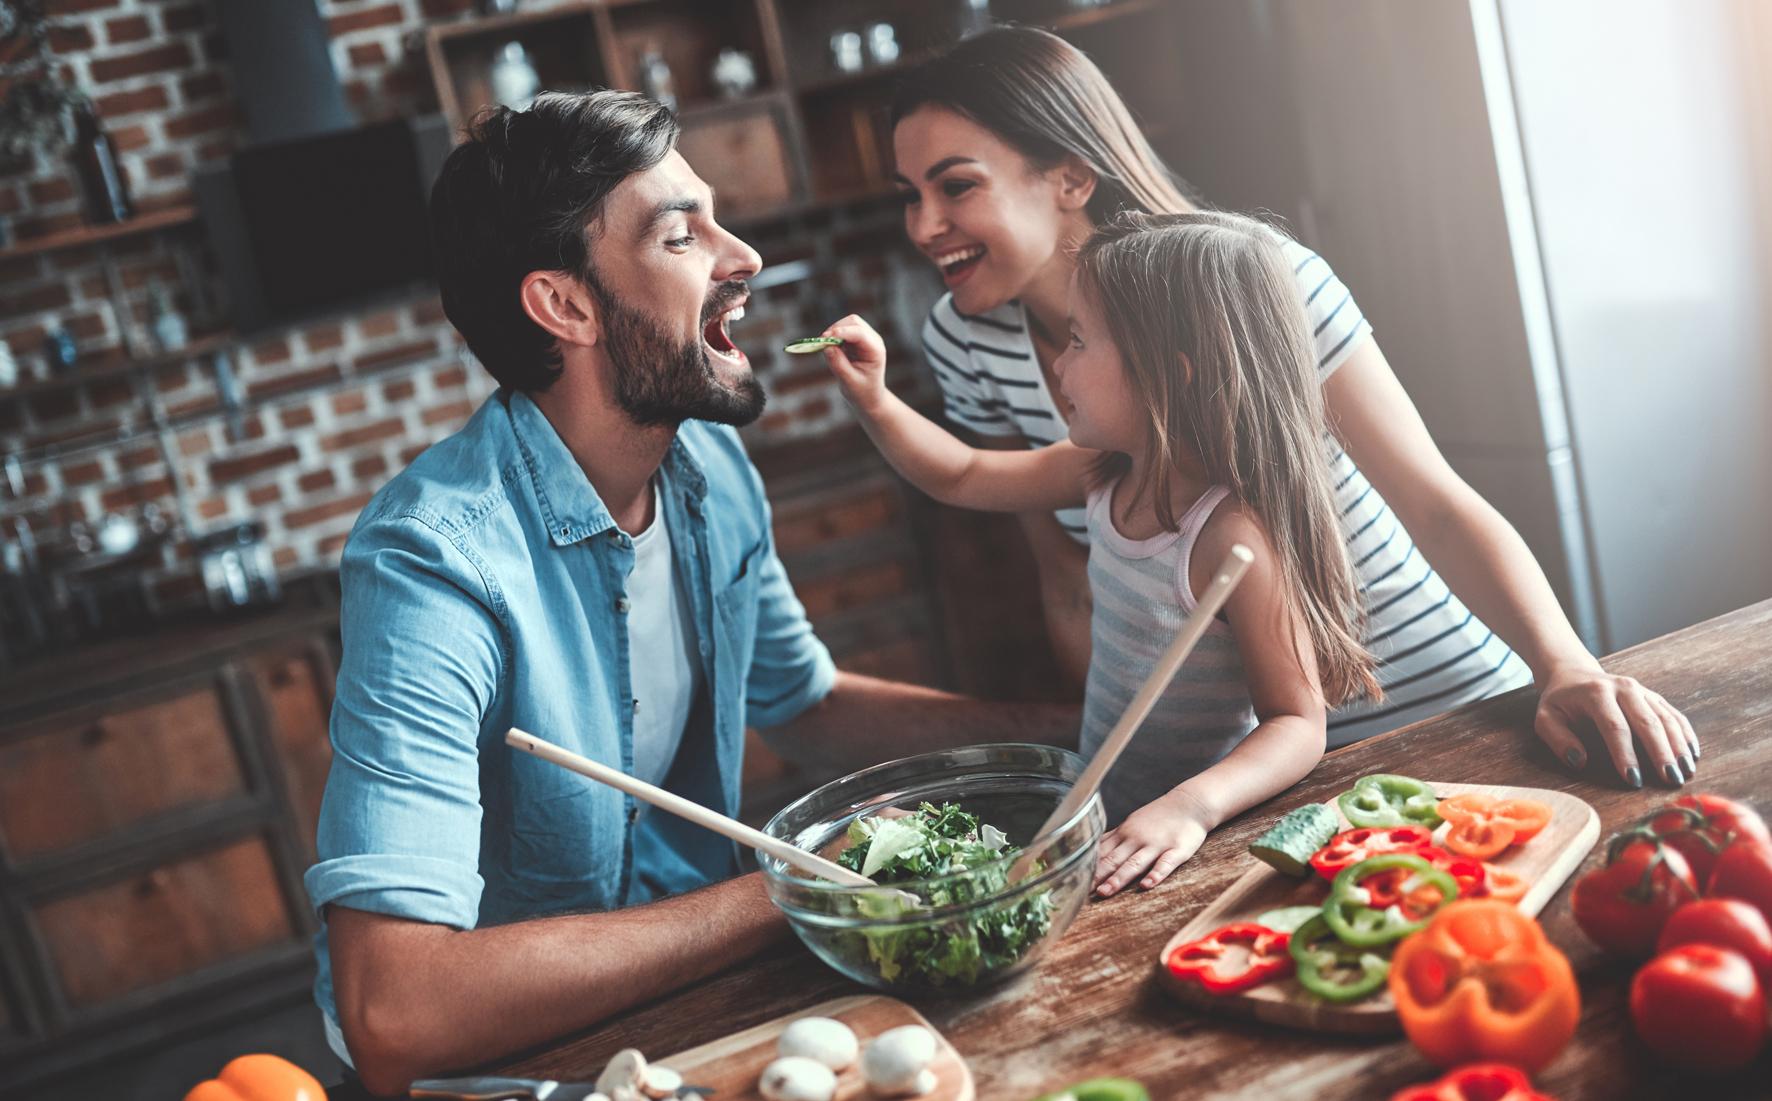 Gesundes Essen iStock 1169135075 - Wie Stress Verdauungsprobleme, Hormonstörungen oder Krebs verursacht